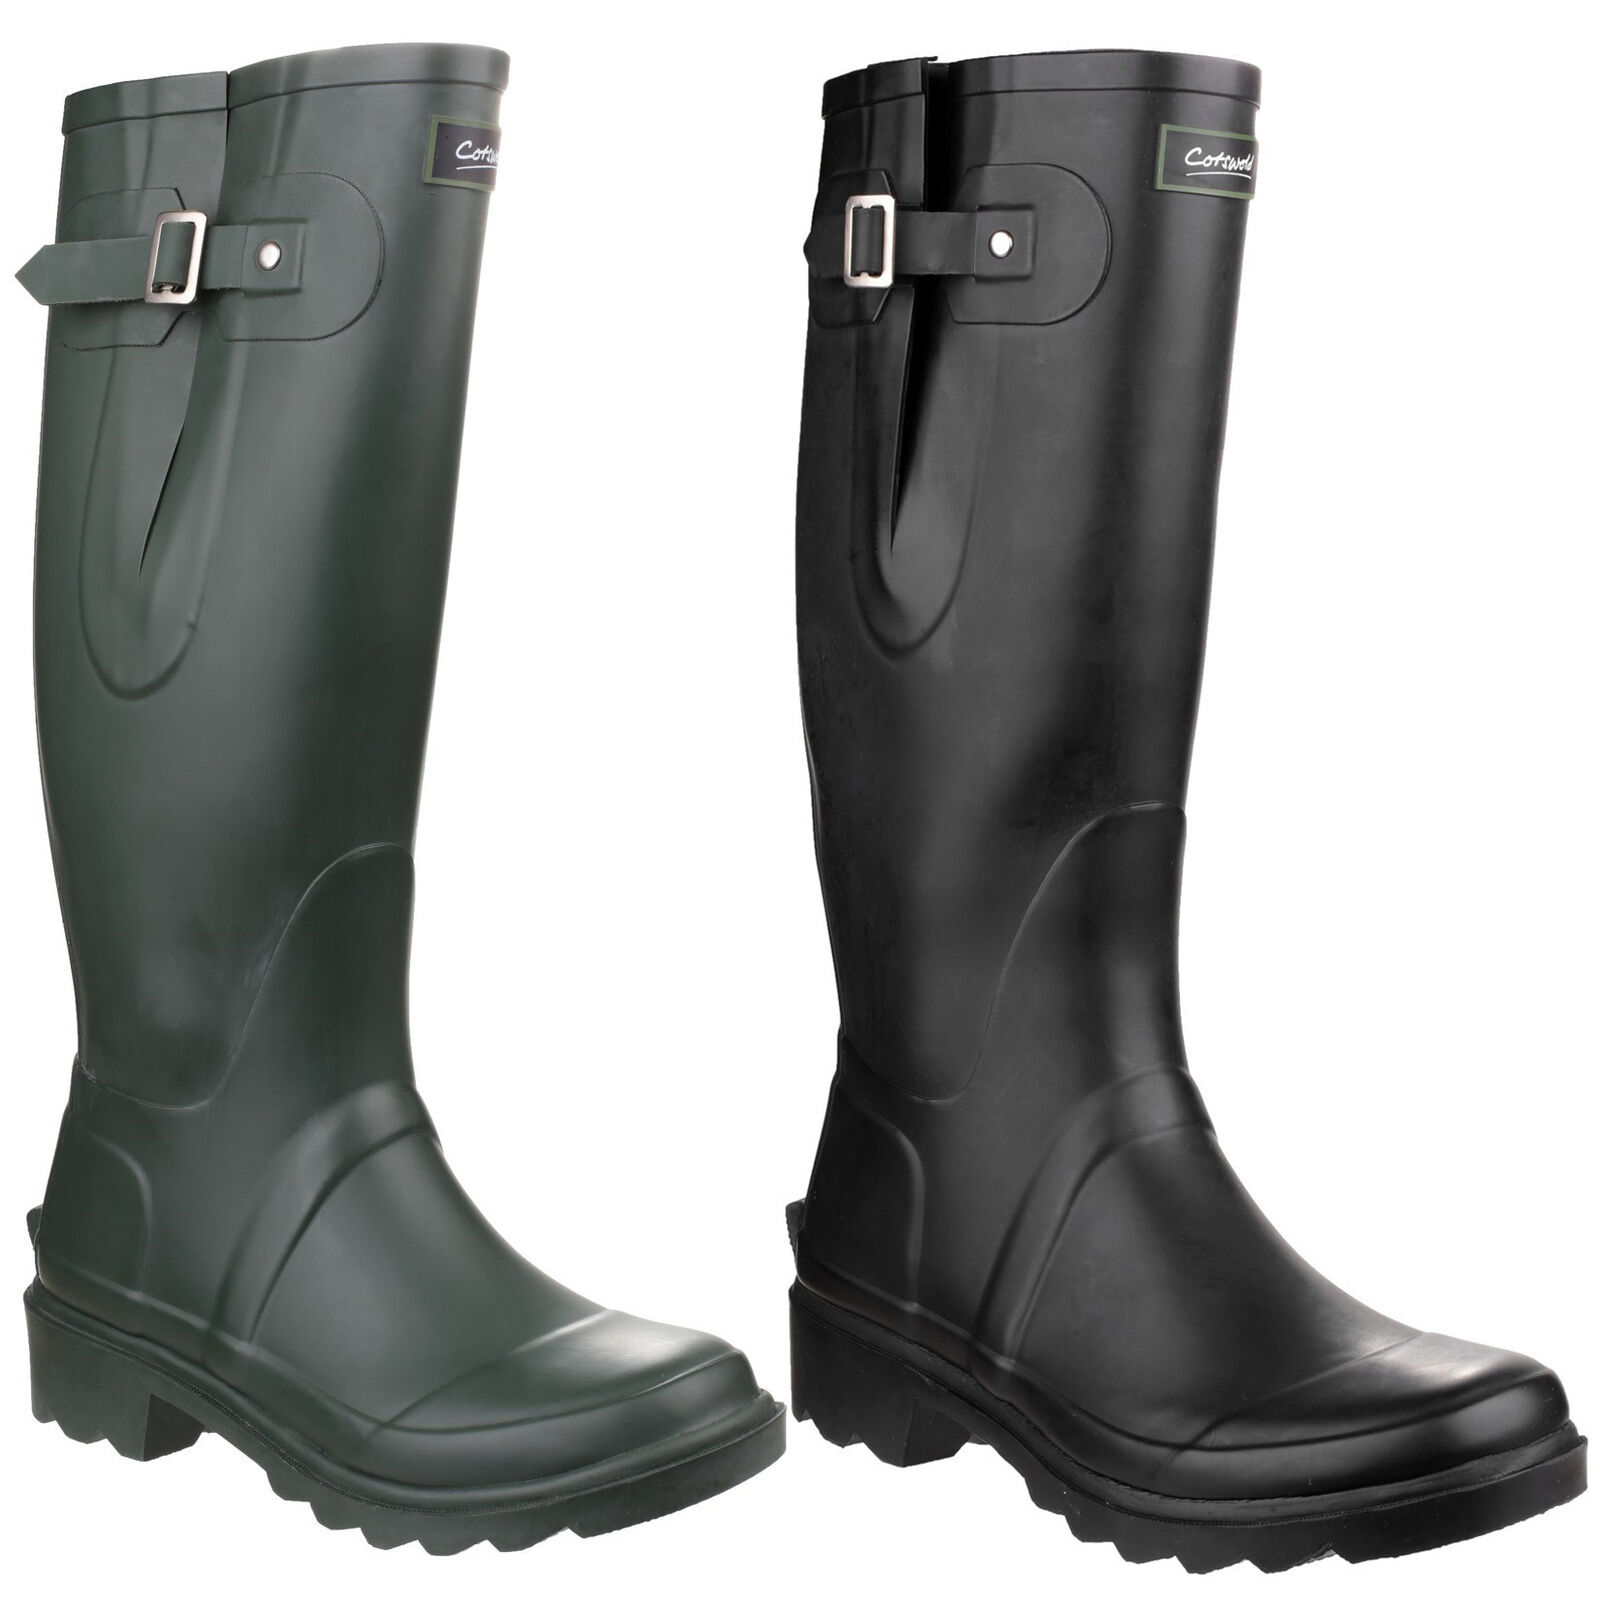 Cotswold Stivali di gomma Ragley Impermeabile da Uomo Ragazzi Stivali gomma di gomma Stivali di gomma Stivali uk3-12 73dd16